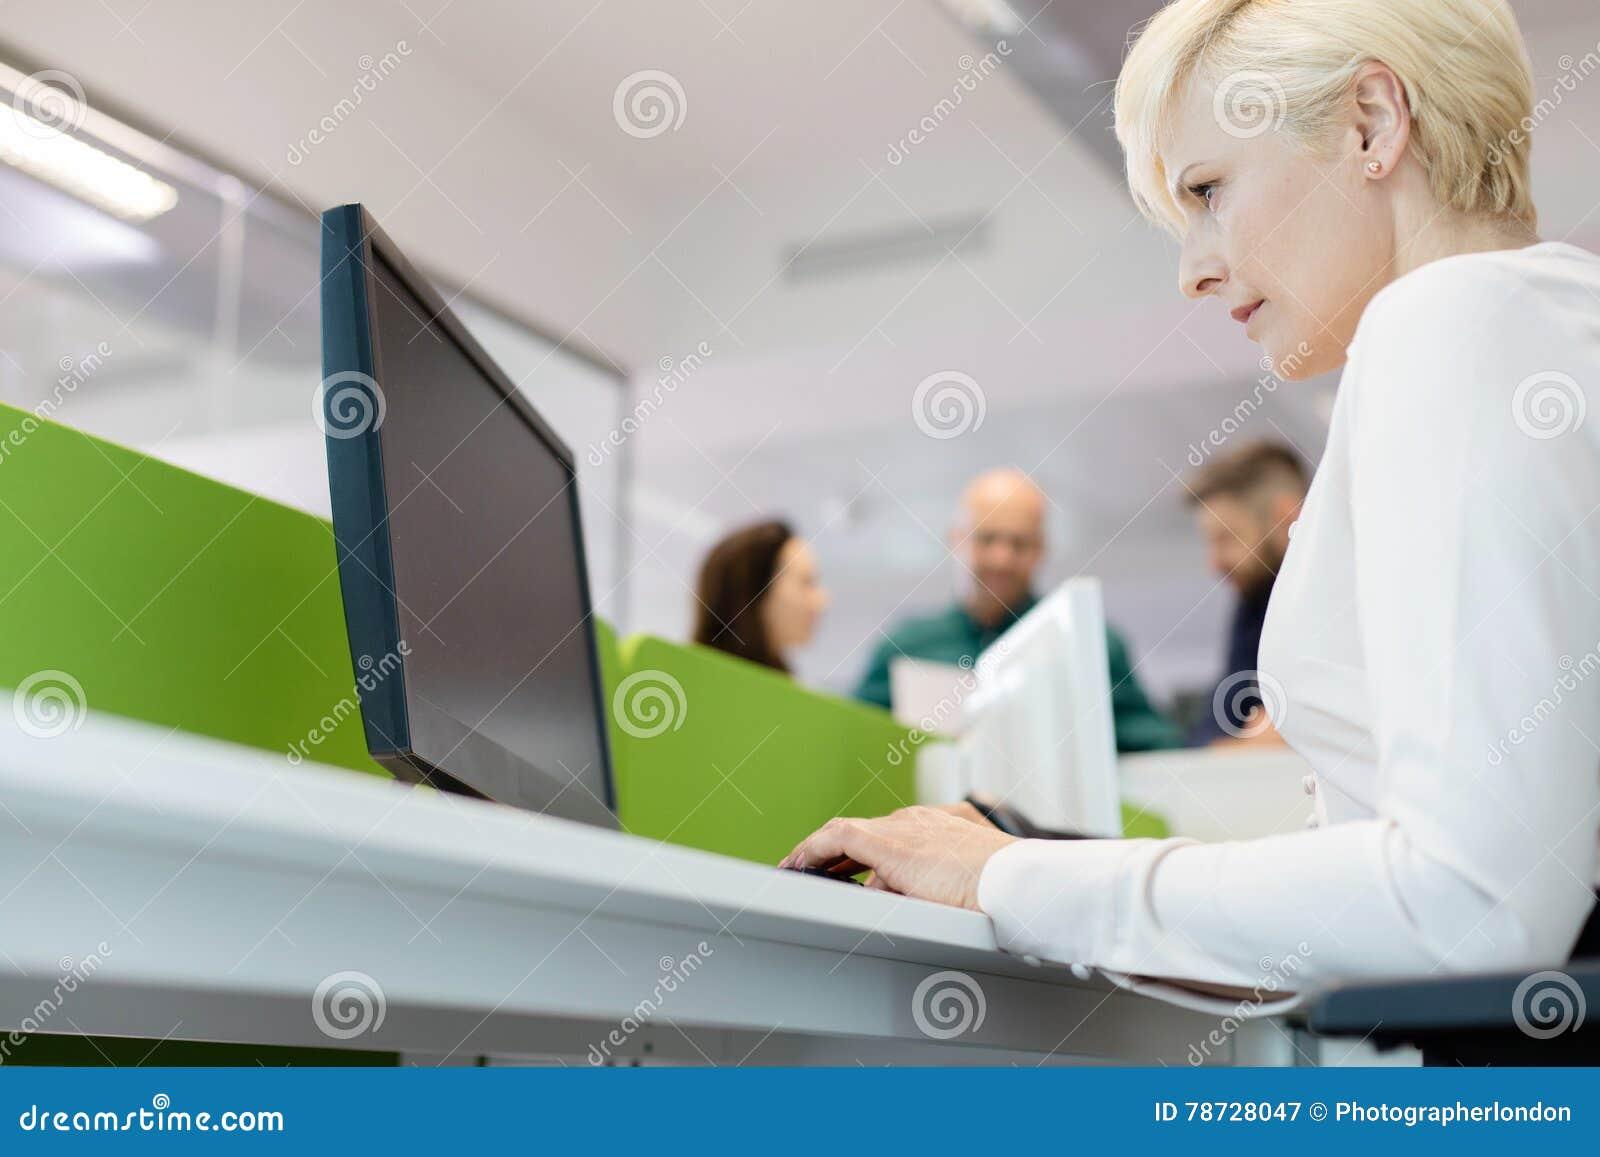 Sikt för låg vinkel av den mogna affärskvinnan som använder datoren med kollegor i bakgrund på kontoret